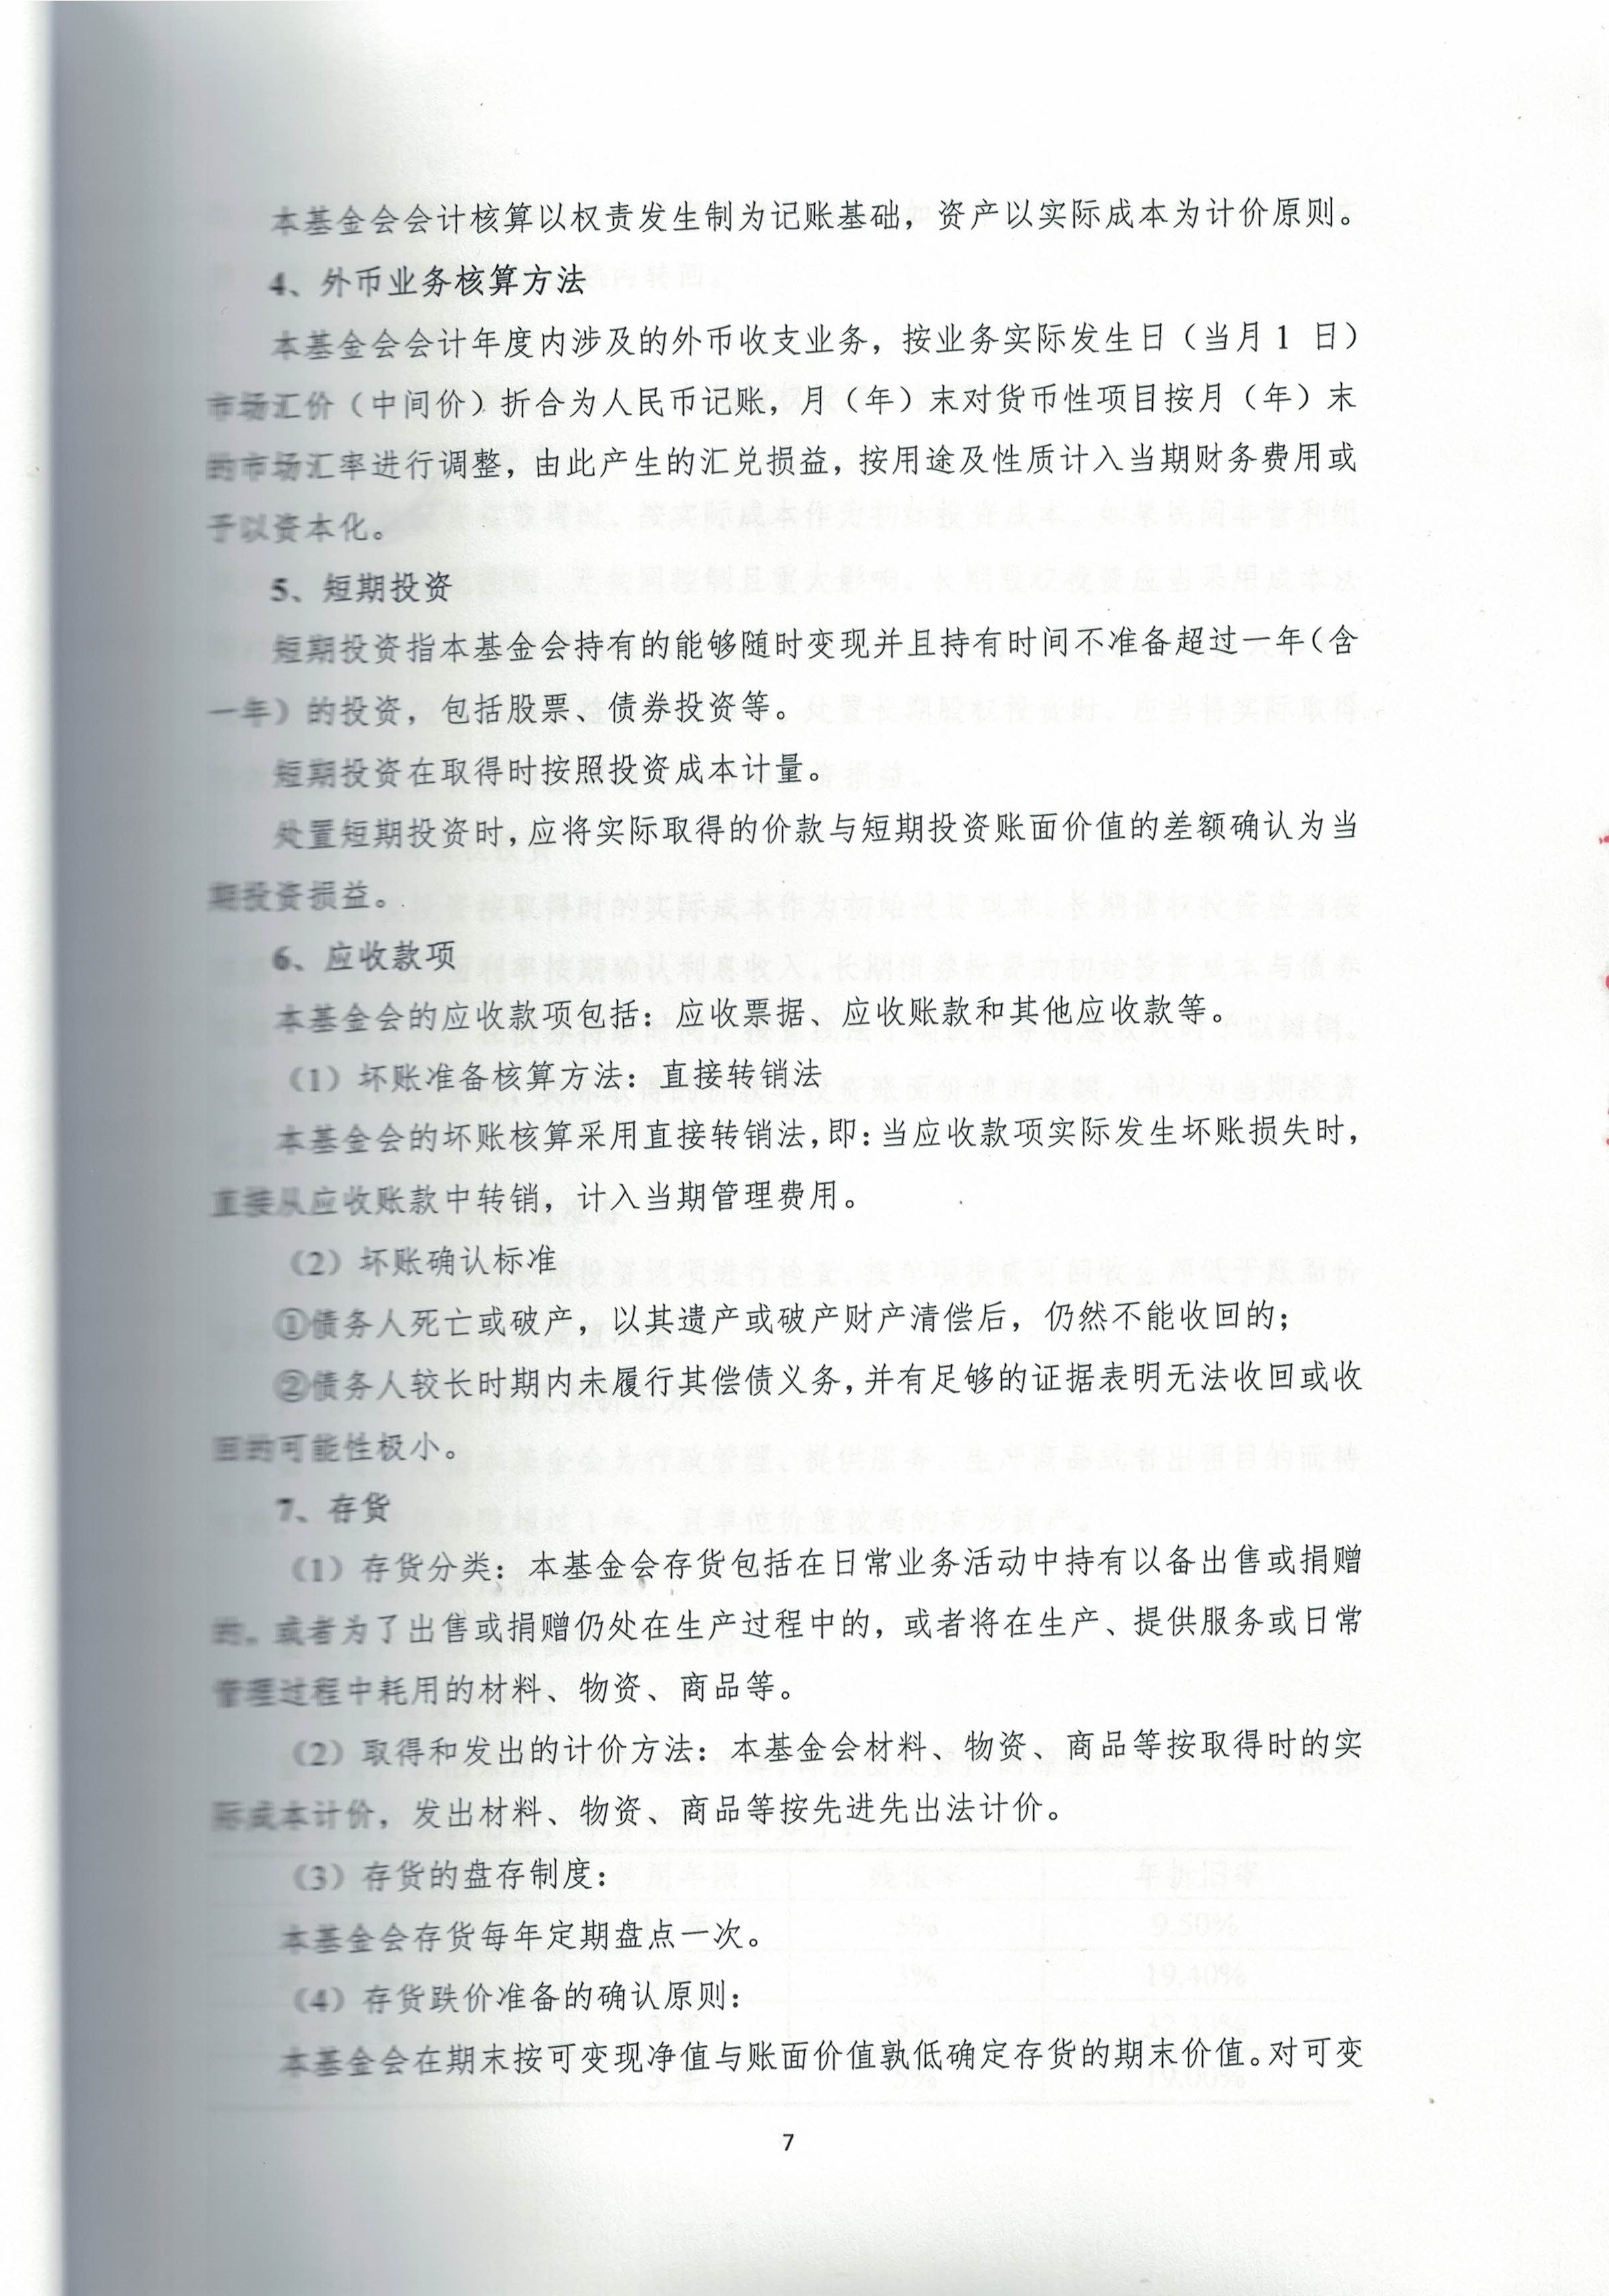 2018审计报告_页面_09